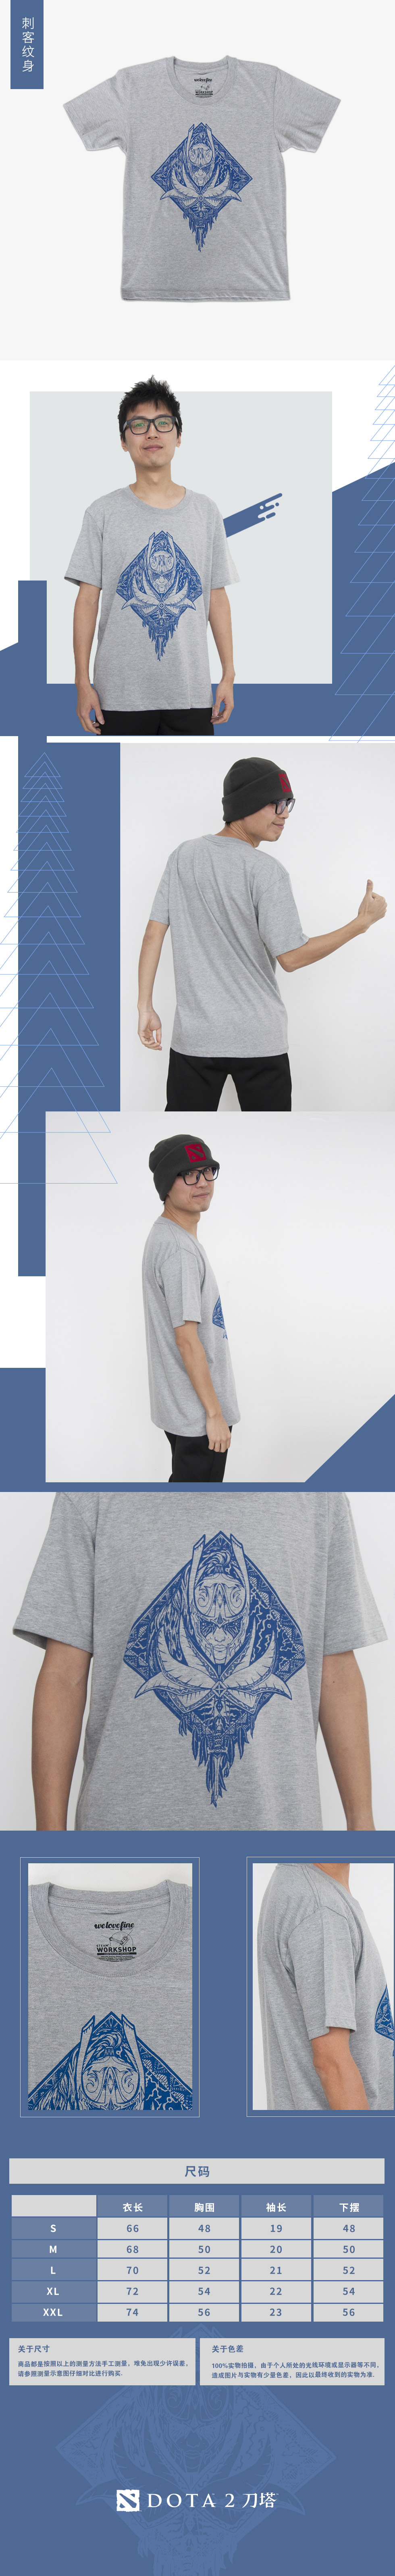 刺客纹身T恤.jpg